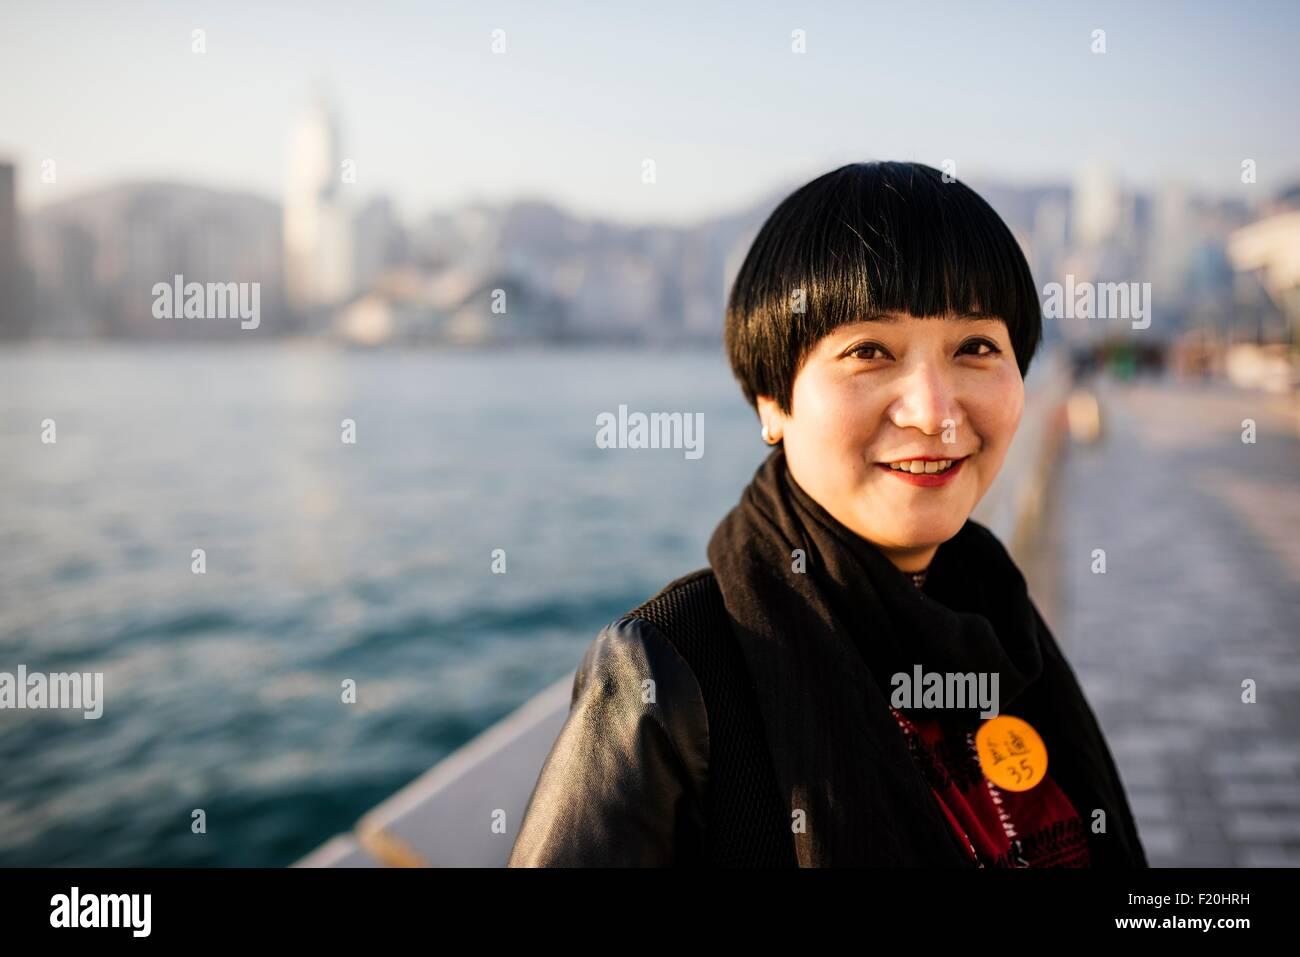 Retrato de mediados de mujer adulta con pelo corto en la parte delantera del agua mirando a la cámara sonriendo Imagen De Stock